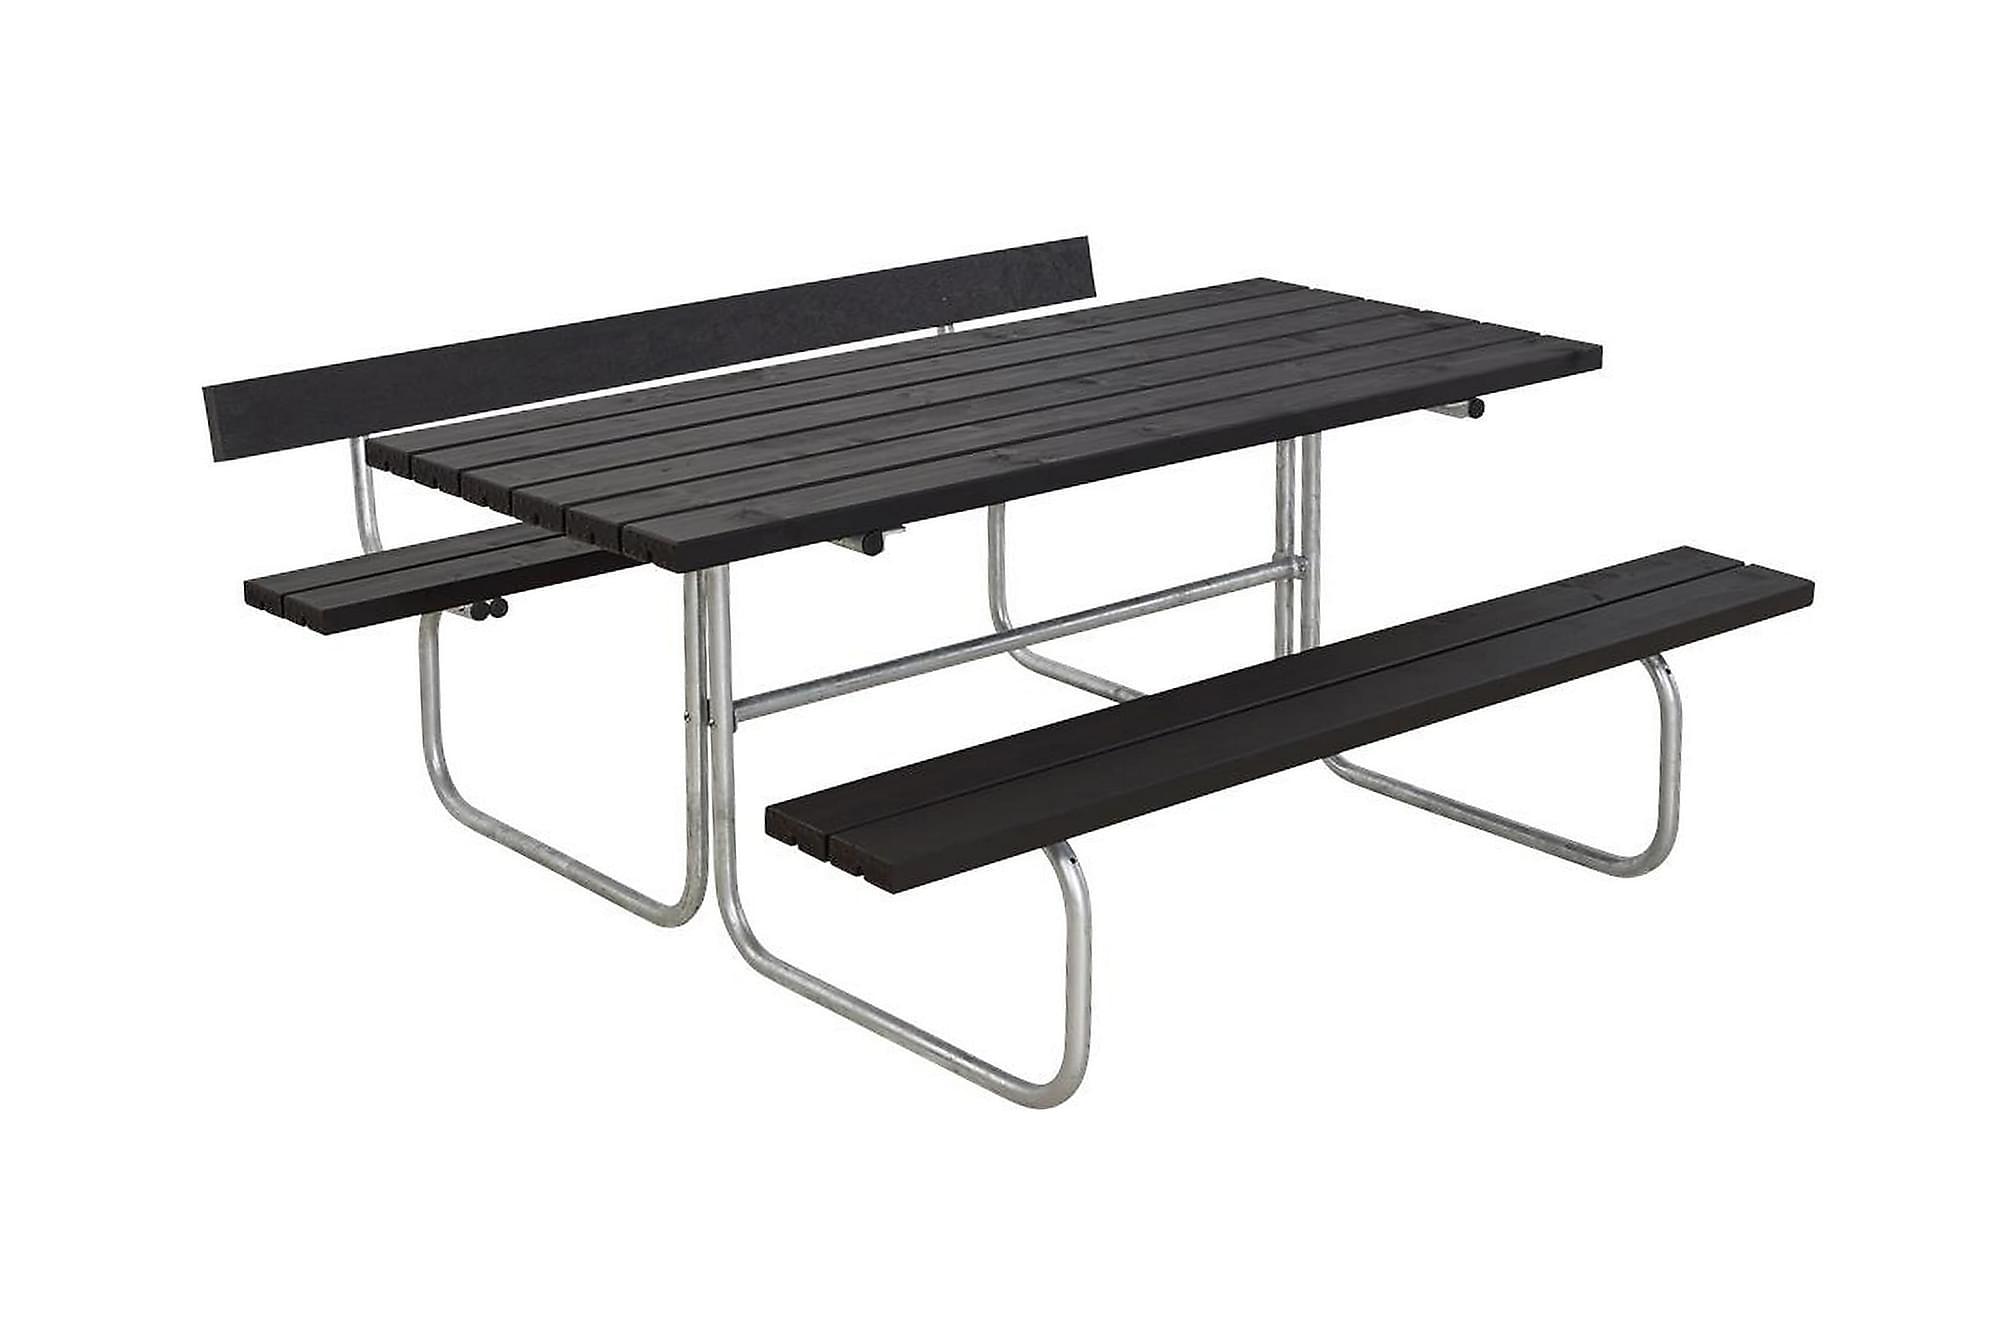 CLASSIC bord- och bänkset med 1 ryggstöd B: 166 L: 177 H: 75, Bänkbord